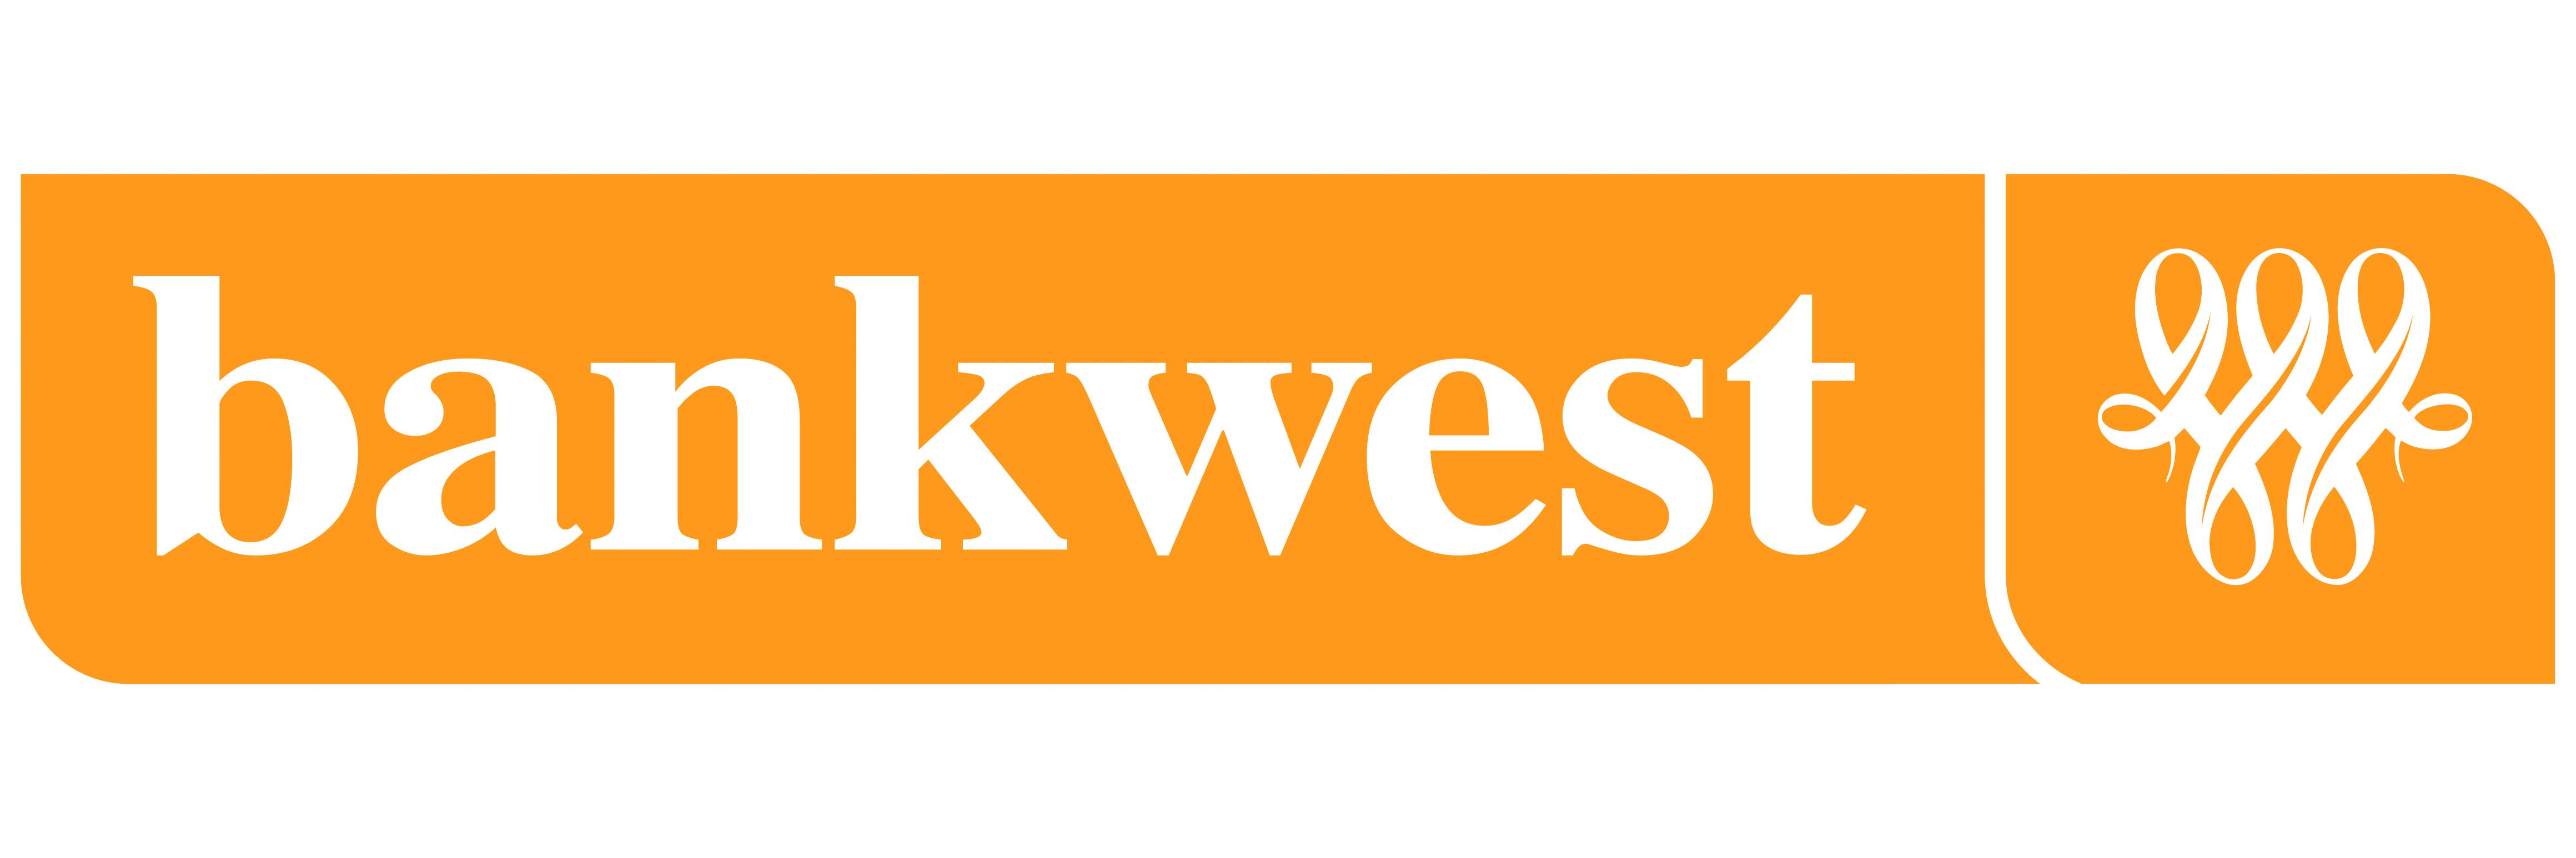 Bankwest_logo_1-3